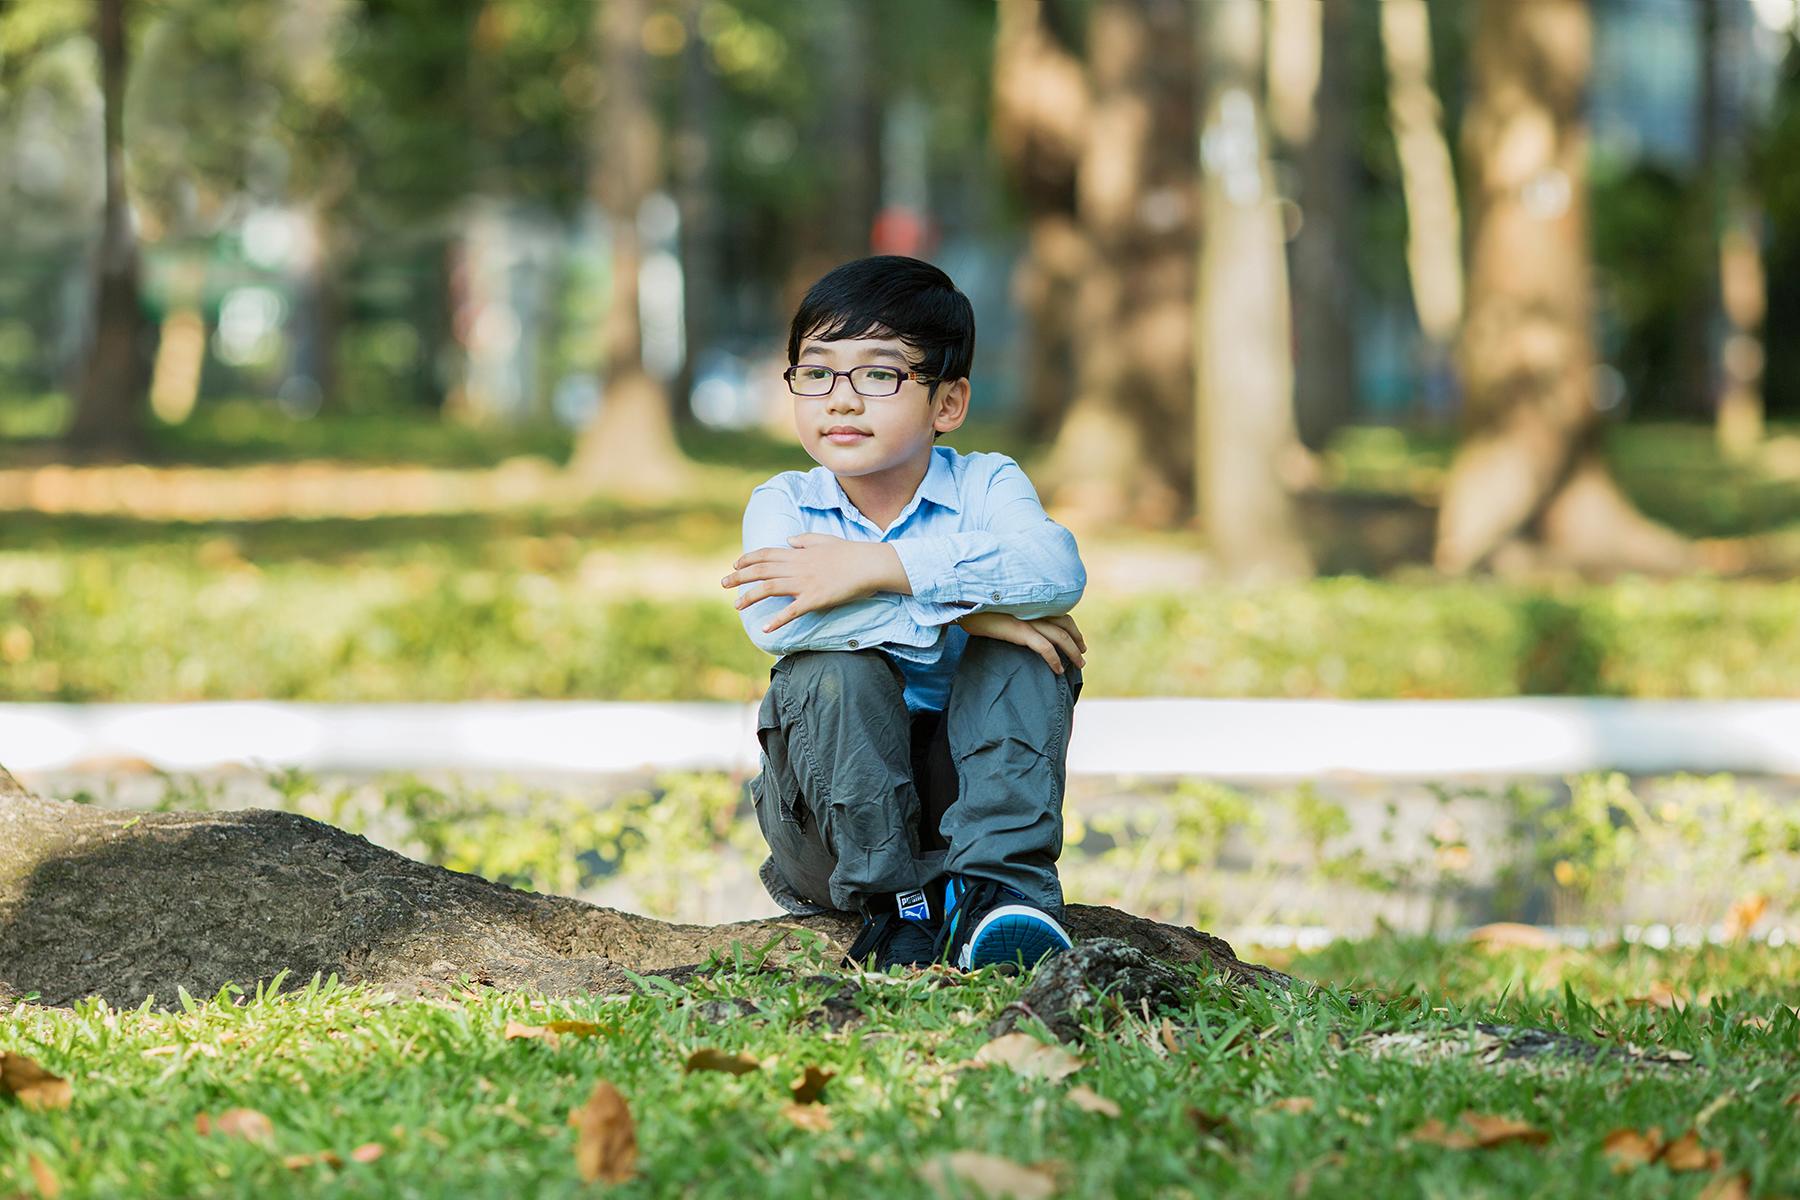 chụp ảnh cho bé 6 tuổi